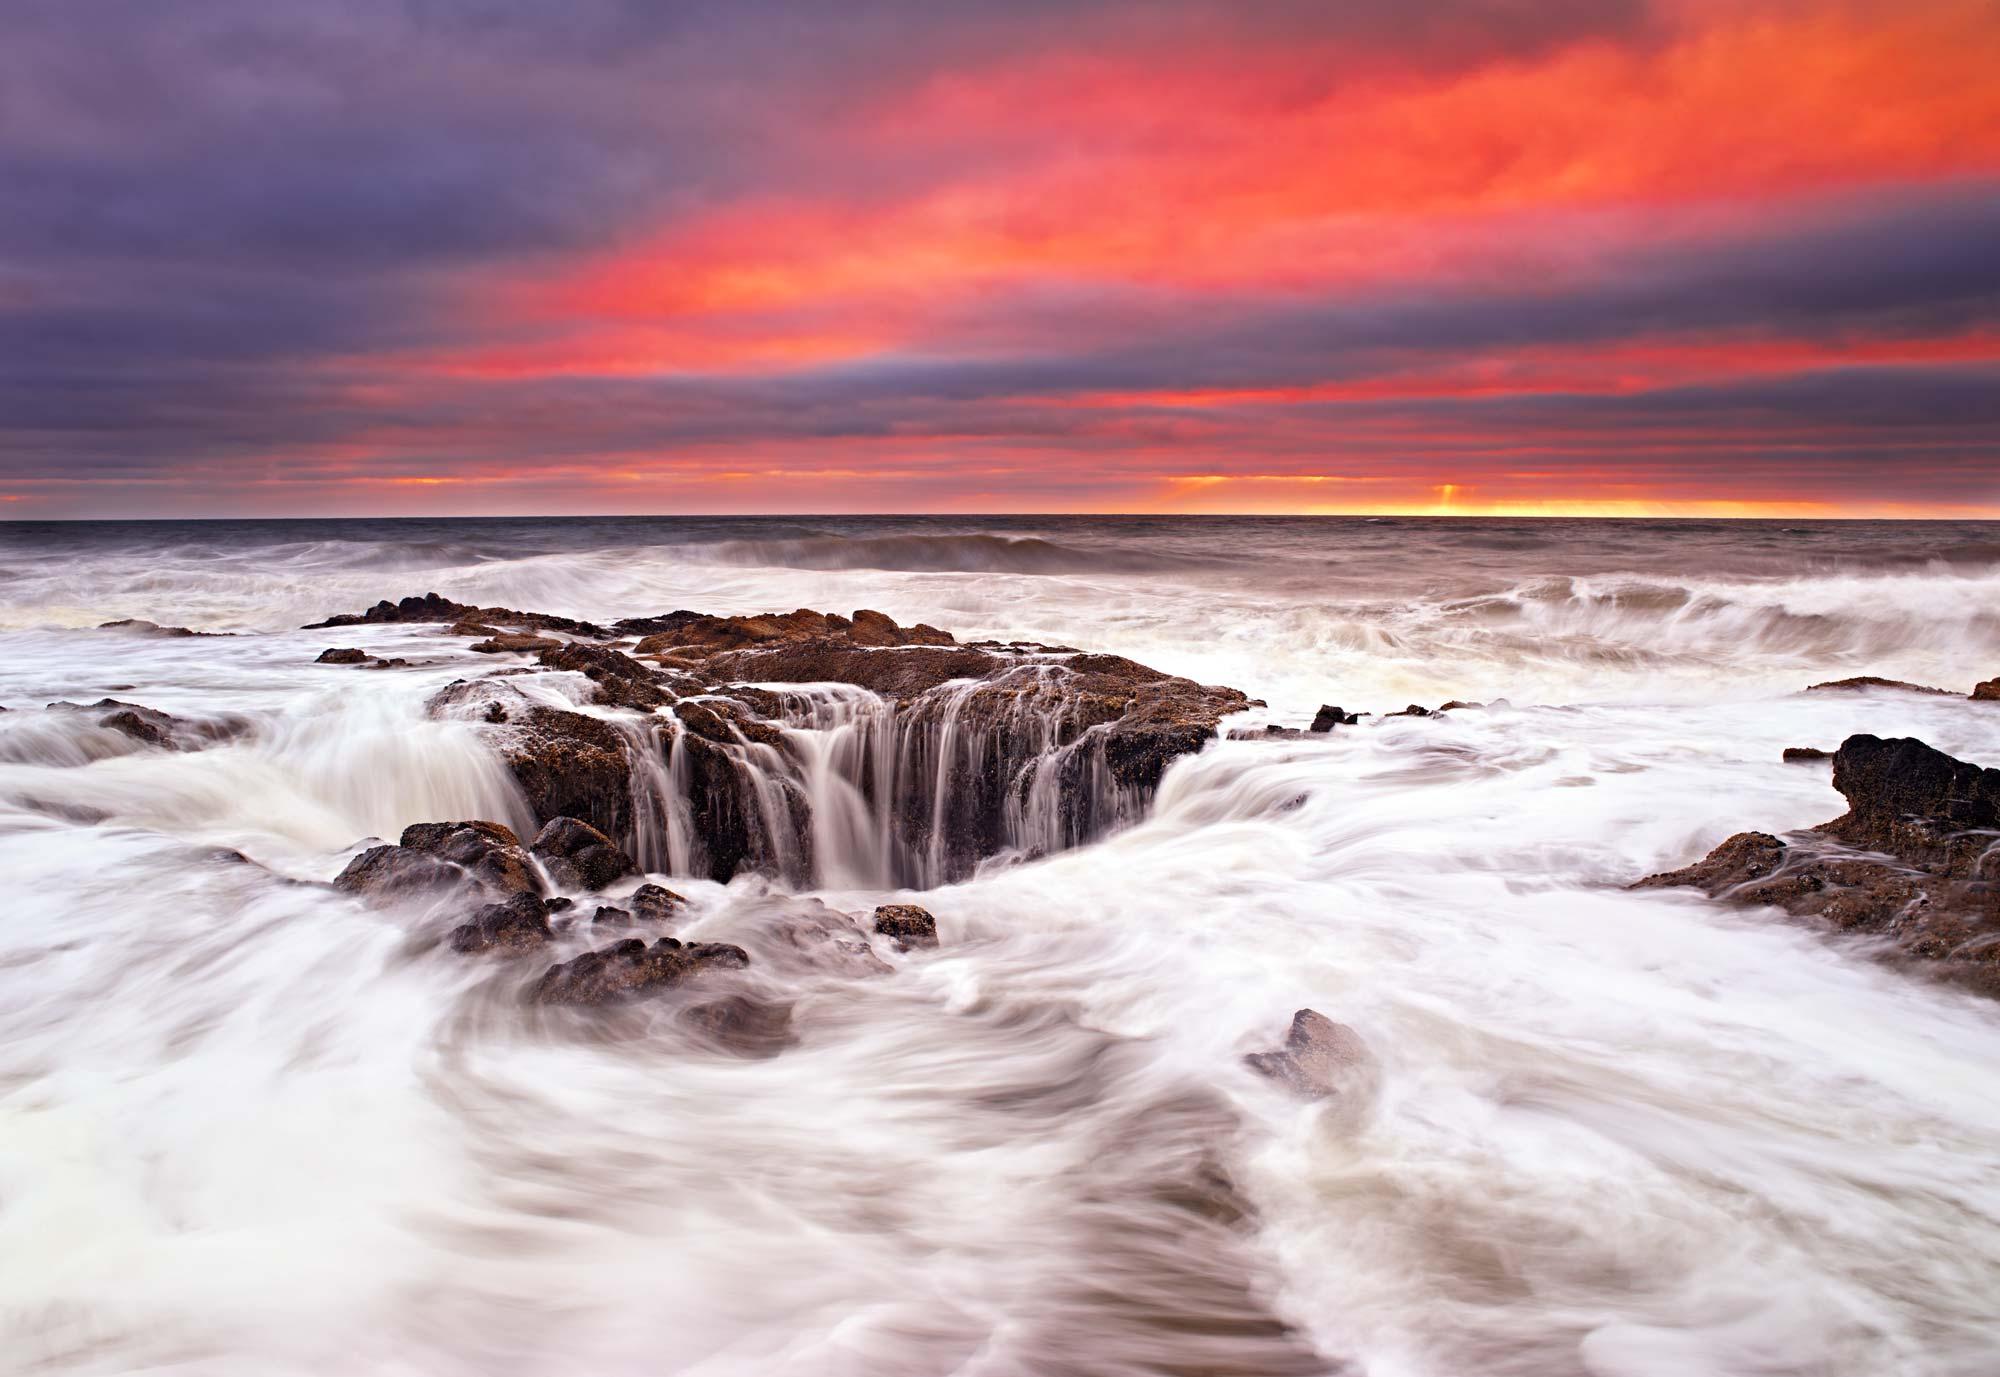 Enigma, Sunset at the Oregon Coast